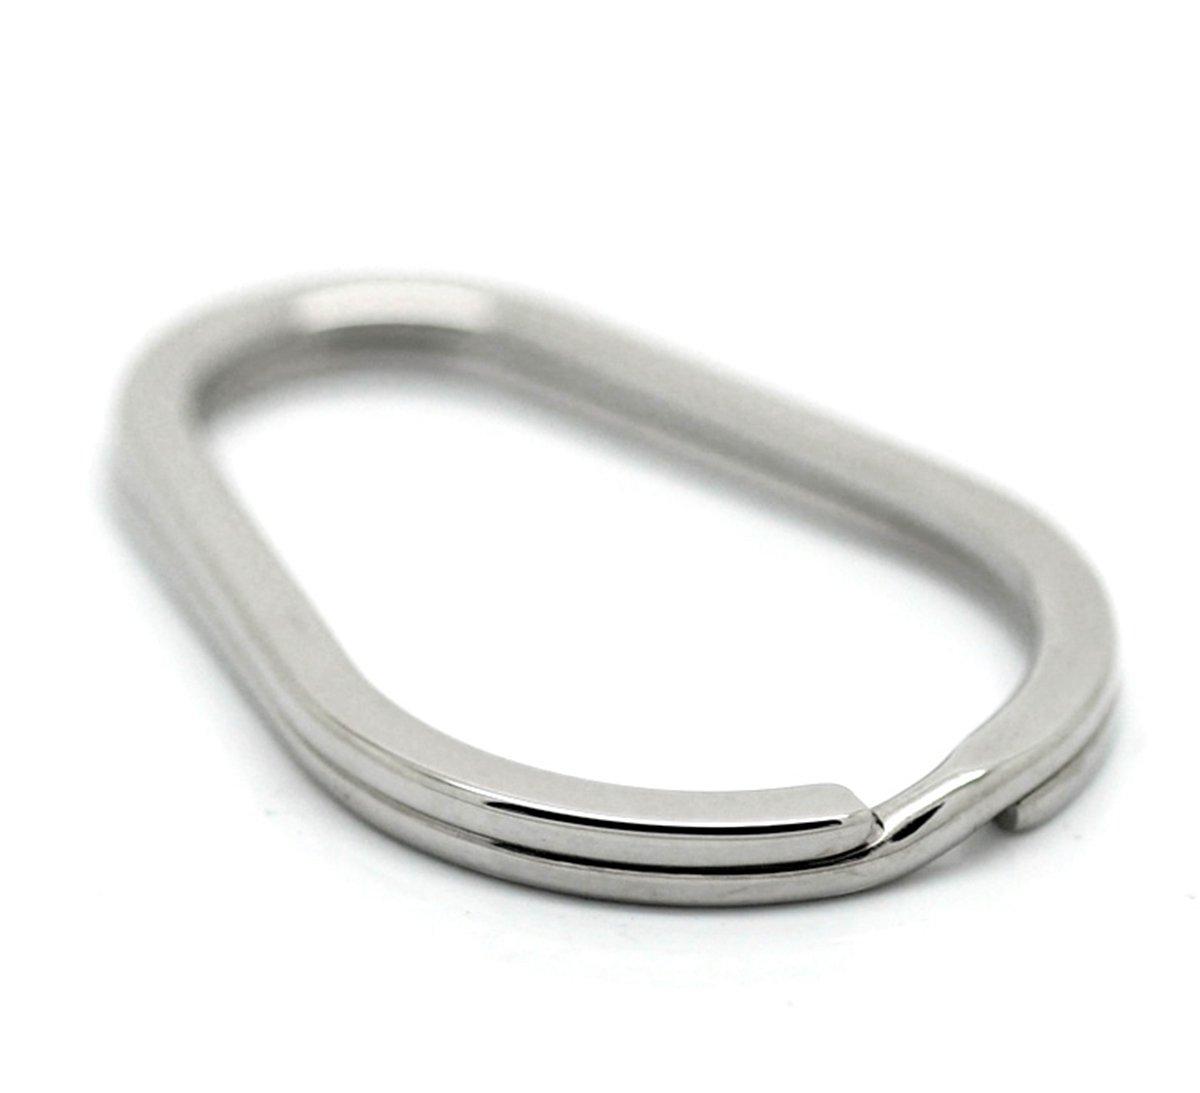 VALYRIA 3pcs Stainless Steel Oval Split Rings Keyrings Keychains Keys Holder 4cm x 2.8cm(1 5/8